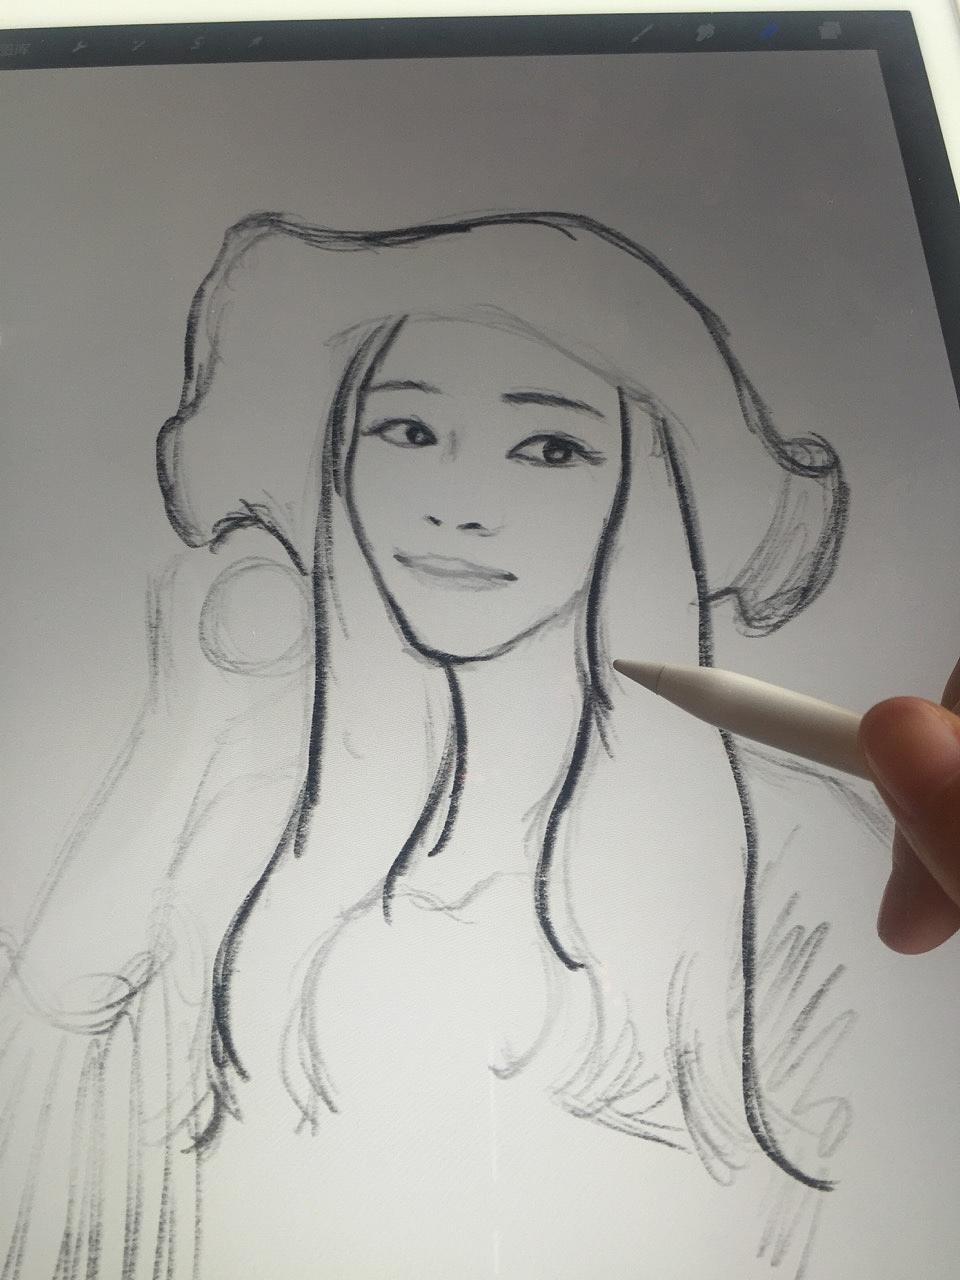 7月最后一天练习|插画|插画习作|jiaguo - 原创作品